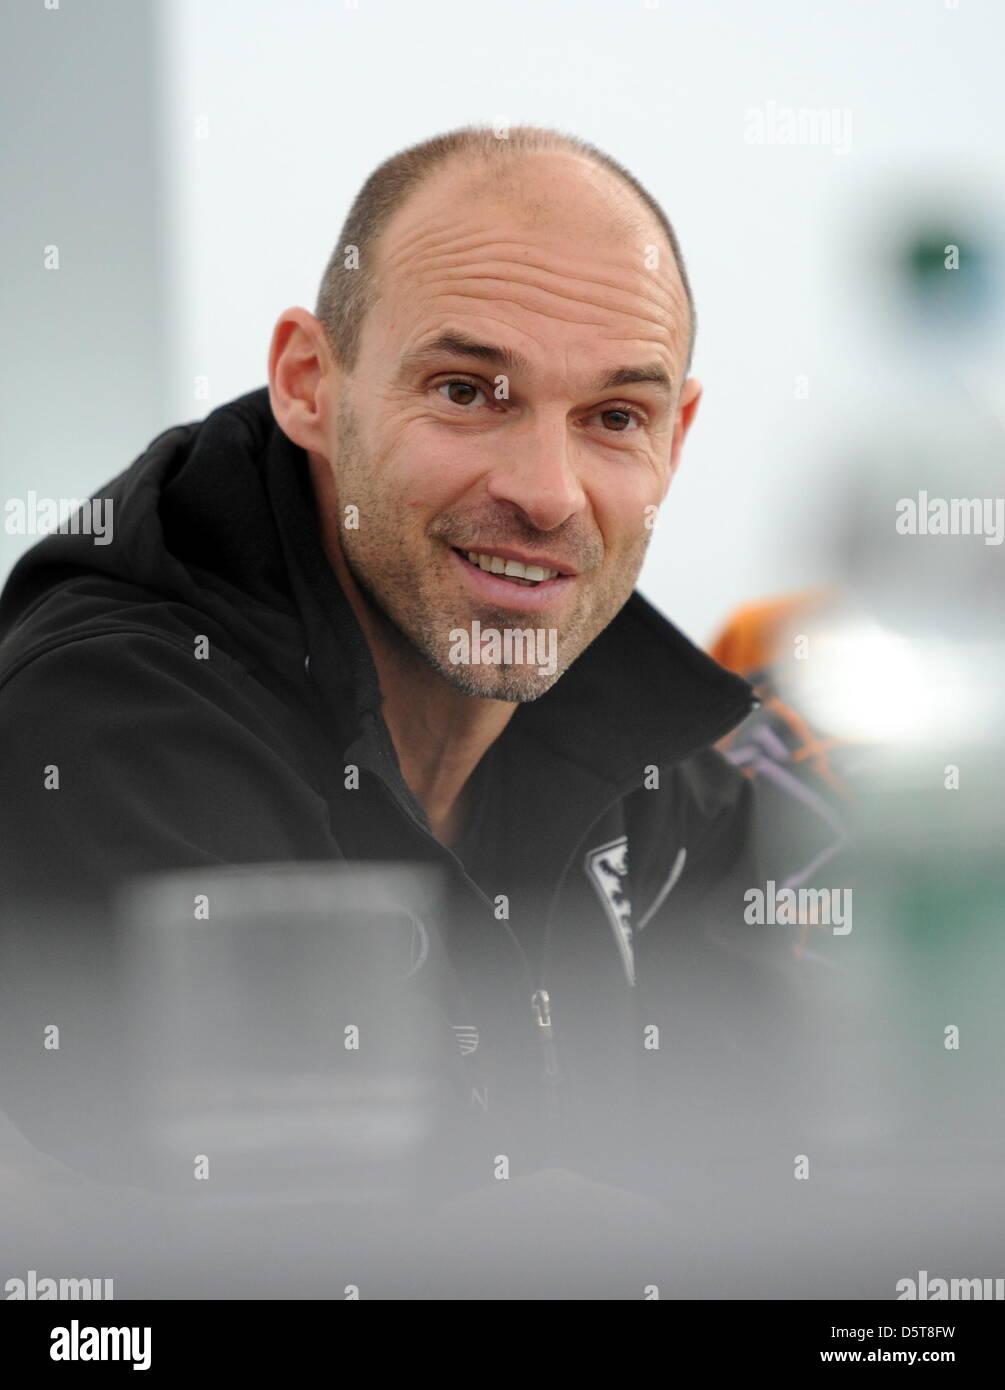 Der neue Trainer des TSV 1860 München, Alexander Schmidt, gibt am 18.11.2012 in München (Bayern) eine - Stock Image